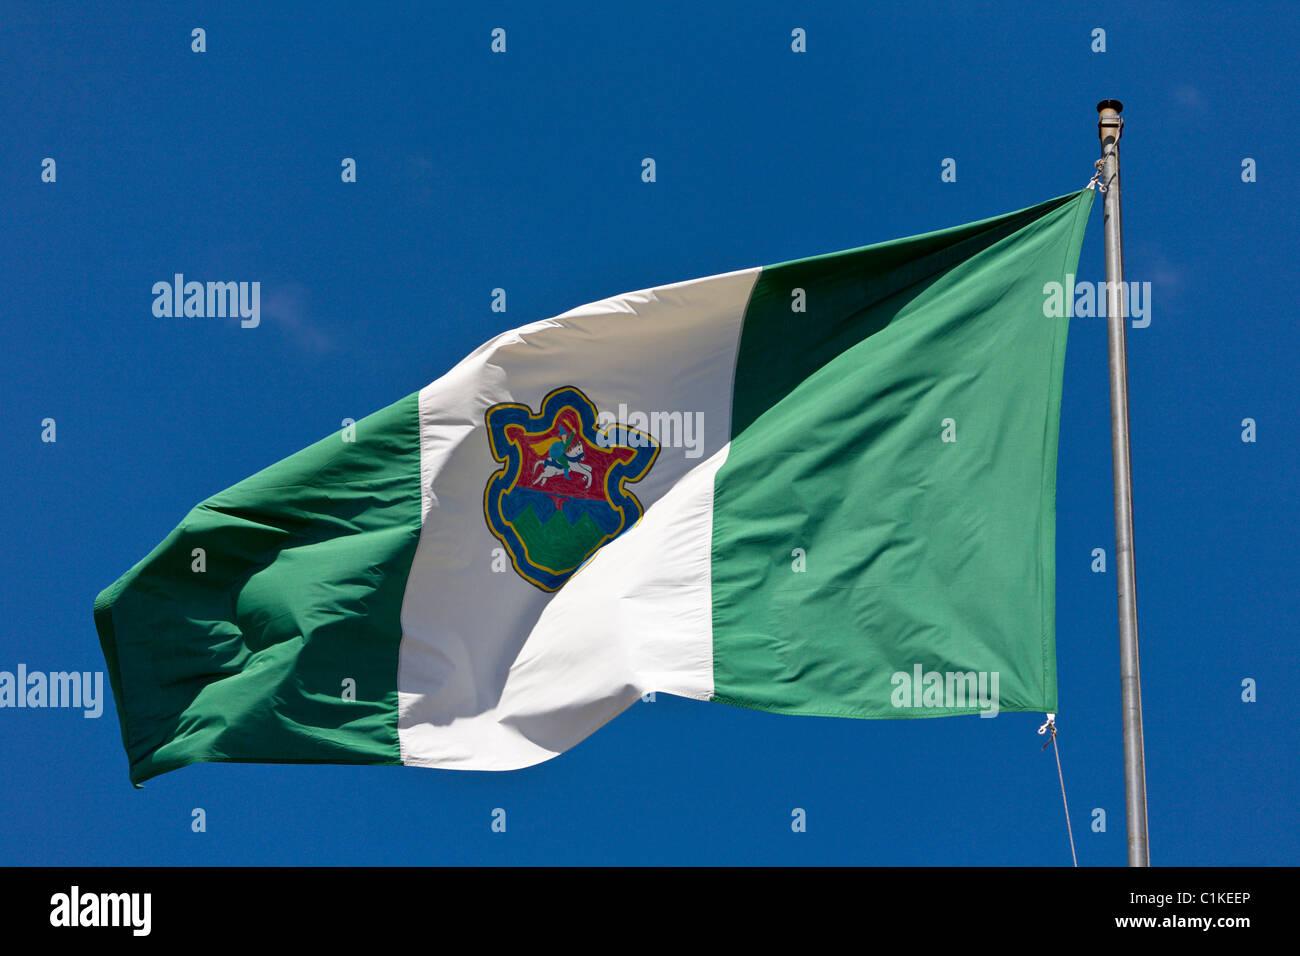 Flag of Antigua Guatemala Stock Photo Royalty Free Image